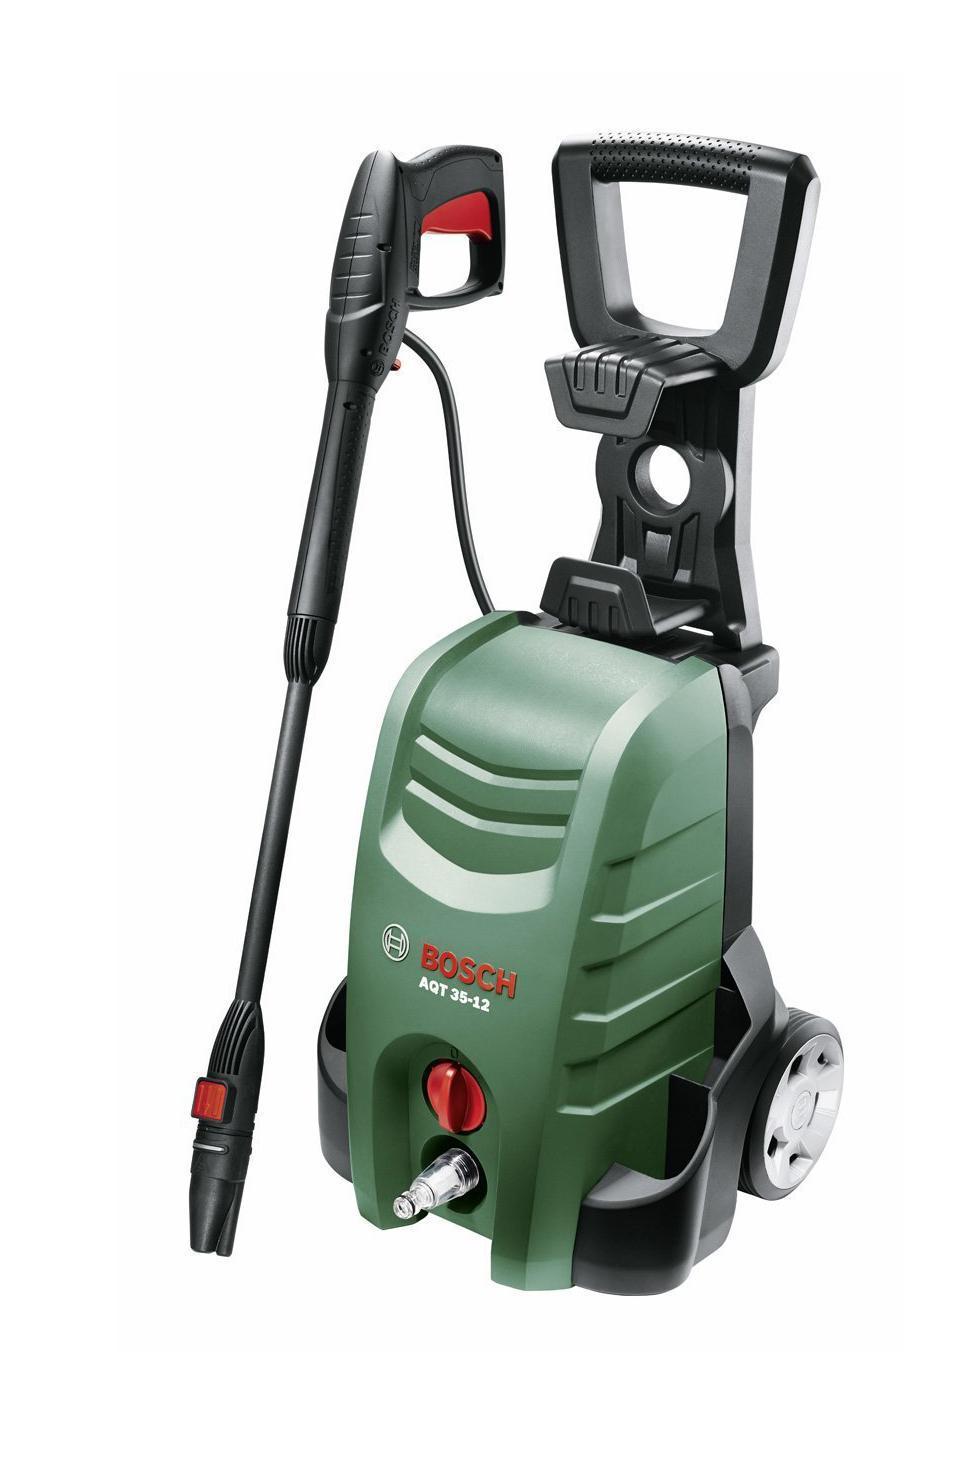 Минимойка Bosch AQT 35-1206008A7100С очистителем высокого давления Bosch Aquatak 35-12 Вы без труда справитесь с любыми работами по очистке как в доме, так и на садовом участке. Насадки-распылители с быстродействующей муфтой на мобильном и компактном инструменте - работа с очистителем высокого давления ещё никогда не была столь комфортна.Bosch Aquatak 35-12 - это практичная модель, оснащенная инновационными функциями и фитингами SDS для большей гибкости. Простота настройки и маневрирования позволяет выполнять широкий спектр моечных работ. Увеличение эффективности очистки достигается благодаря инновационной насадке 3-в-1. Она представляет собой распылительную головку высокого давления и головку поворотной насадки с опцией подачи моющего средства под низким давлением.Надежные колеса и рукоятка Easy-Fold обеспечивают легкое передвижение и позволяют экономить место при хранении. Благодаря функции автоматического отключения очиститель высокого давления Bosch Aquatak 35-12 обладает отличной энергоэффективностью. Простота эксплуатации достигается за счет быстродействующих муфт и встроенного держателя принадлежностей. Система подачи моющего средства обеспечивает удобное нанесение моющего раствора. Встроенный водный фильтр предназначен для простоты обслуживания и дополнительной защиты насоса.